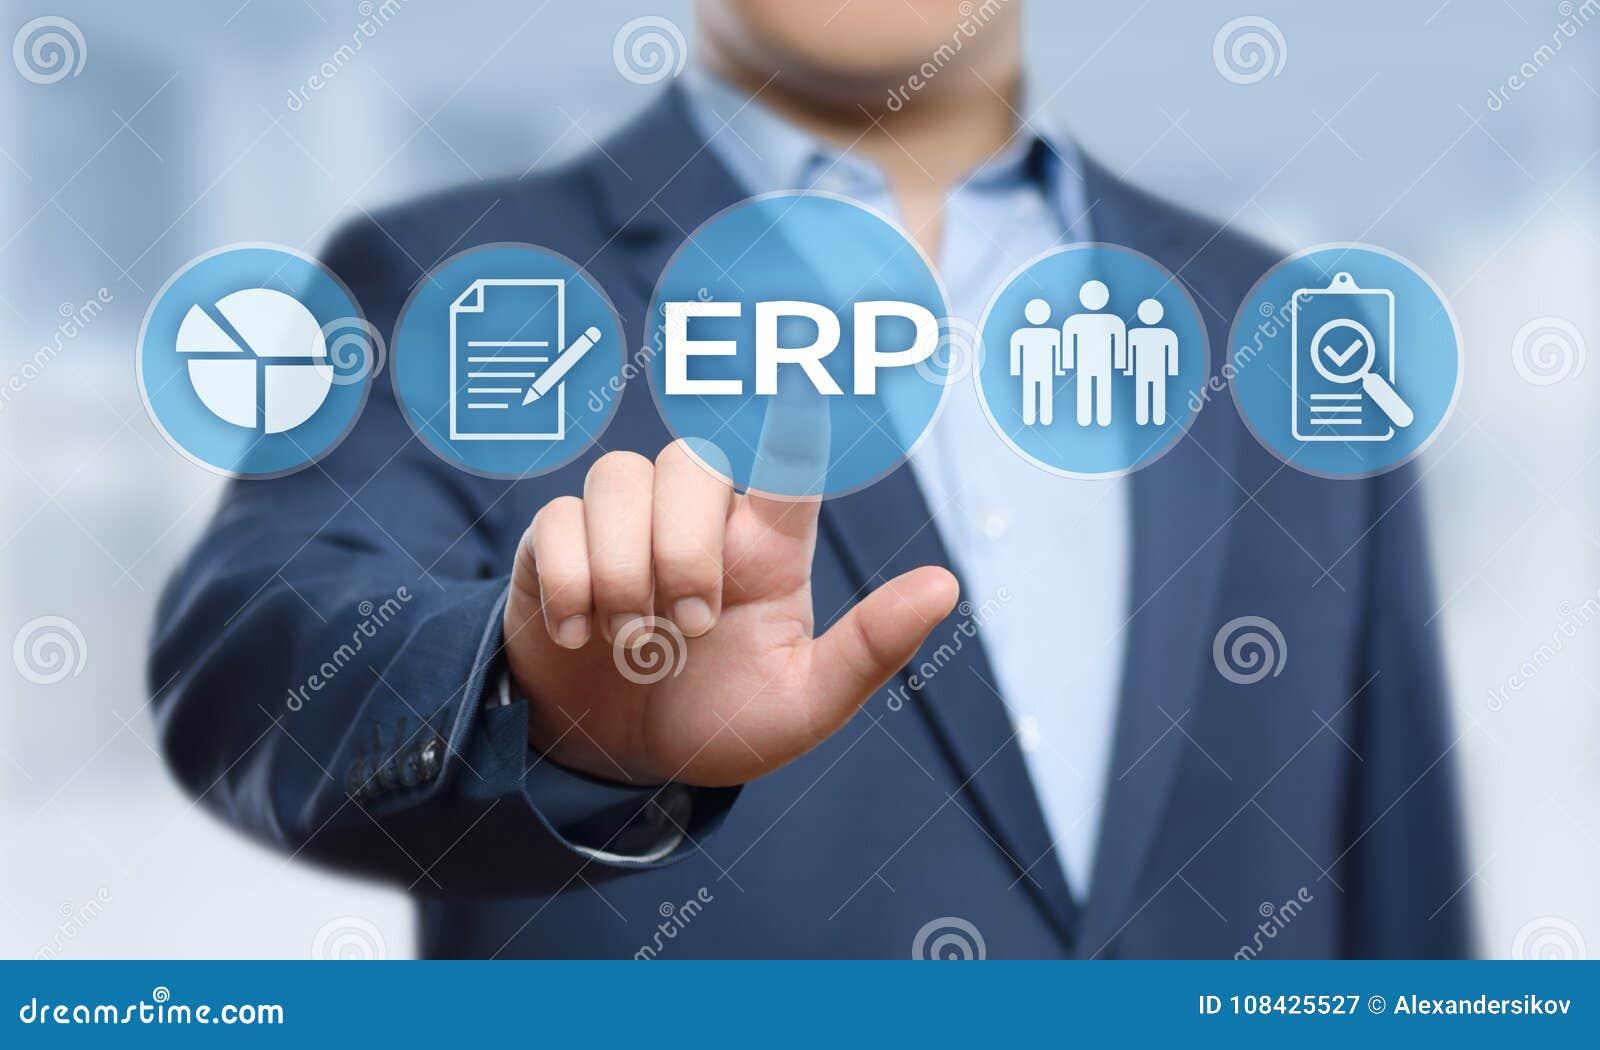 Conceito da tecnologia do Internet do negócio da gestão de Empresa Recurso Planeamento ERP Incorporado Empresa